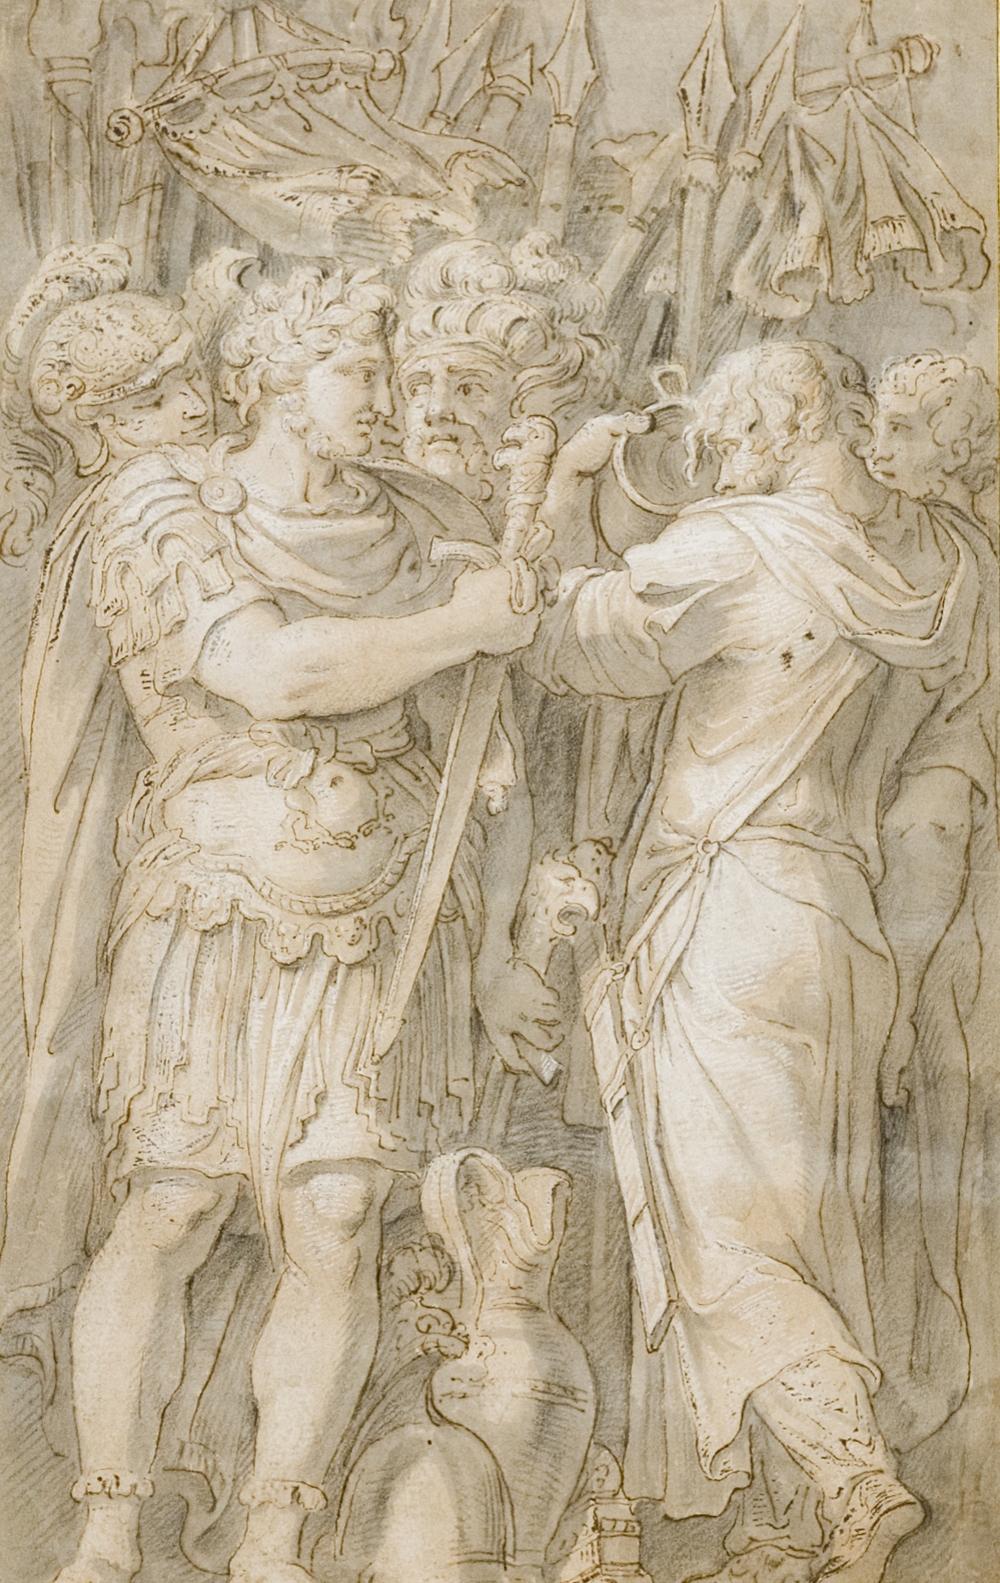 After Polidoro da Caravaggio, 16th Century, Gaius Fabricius Luscinus Refusing Gifts from Phyrrhus from Palazzo Milesi, Rome.